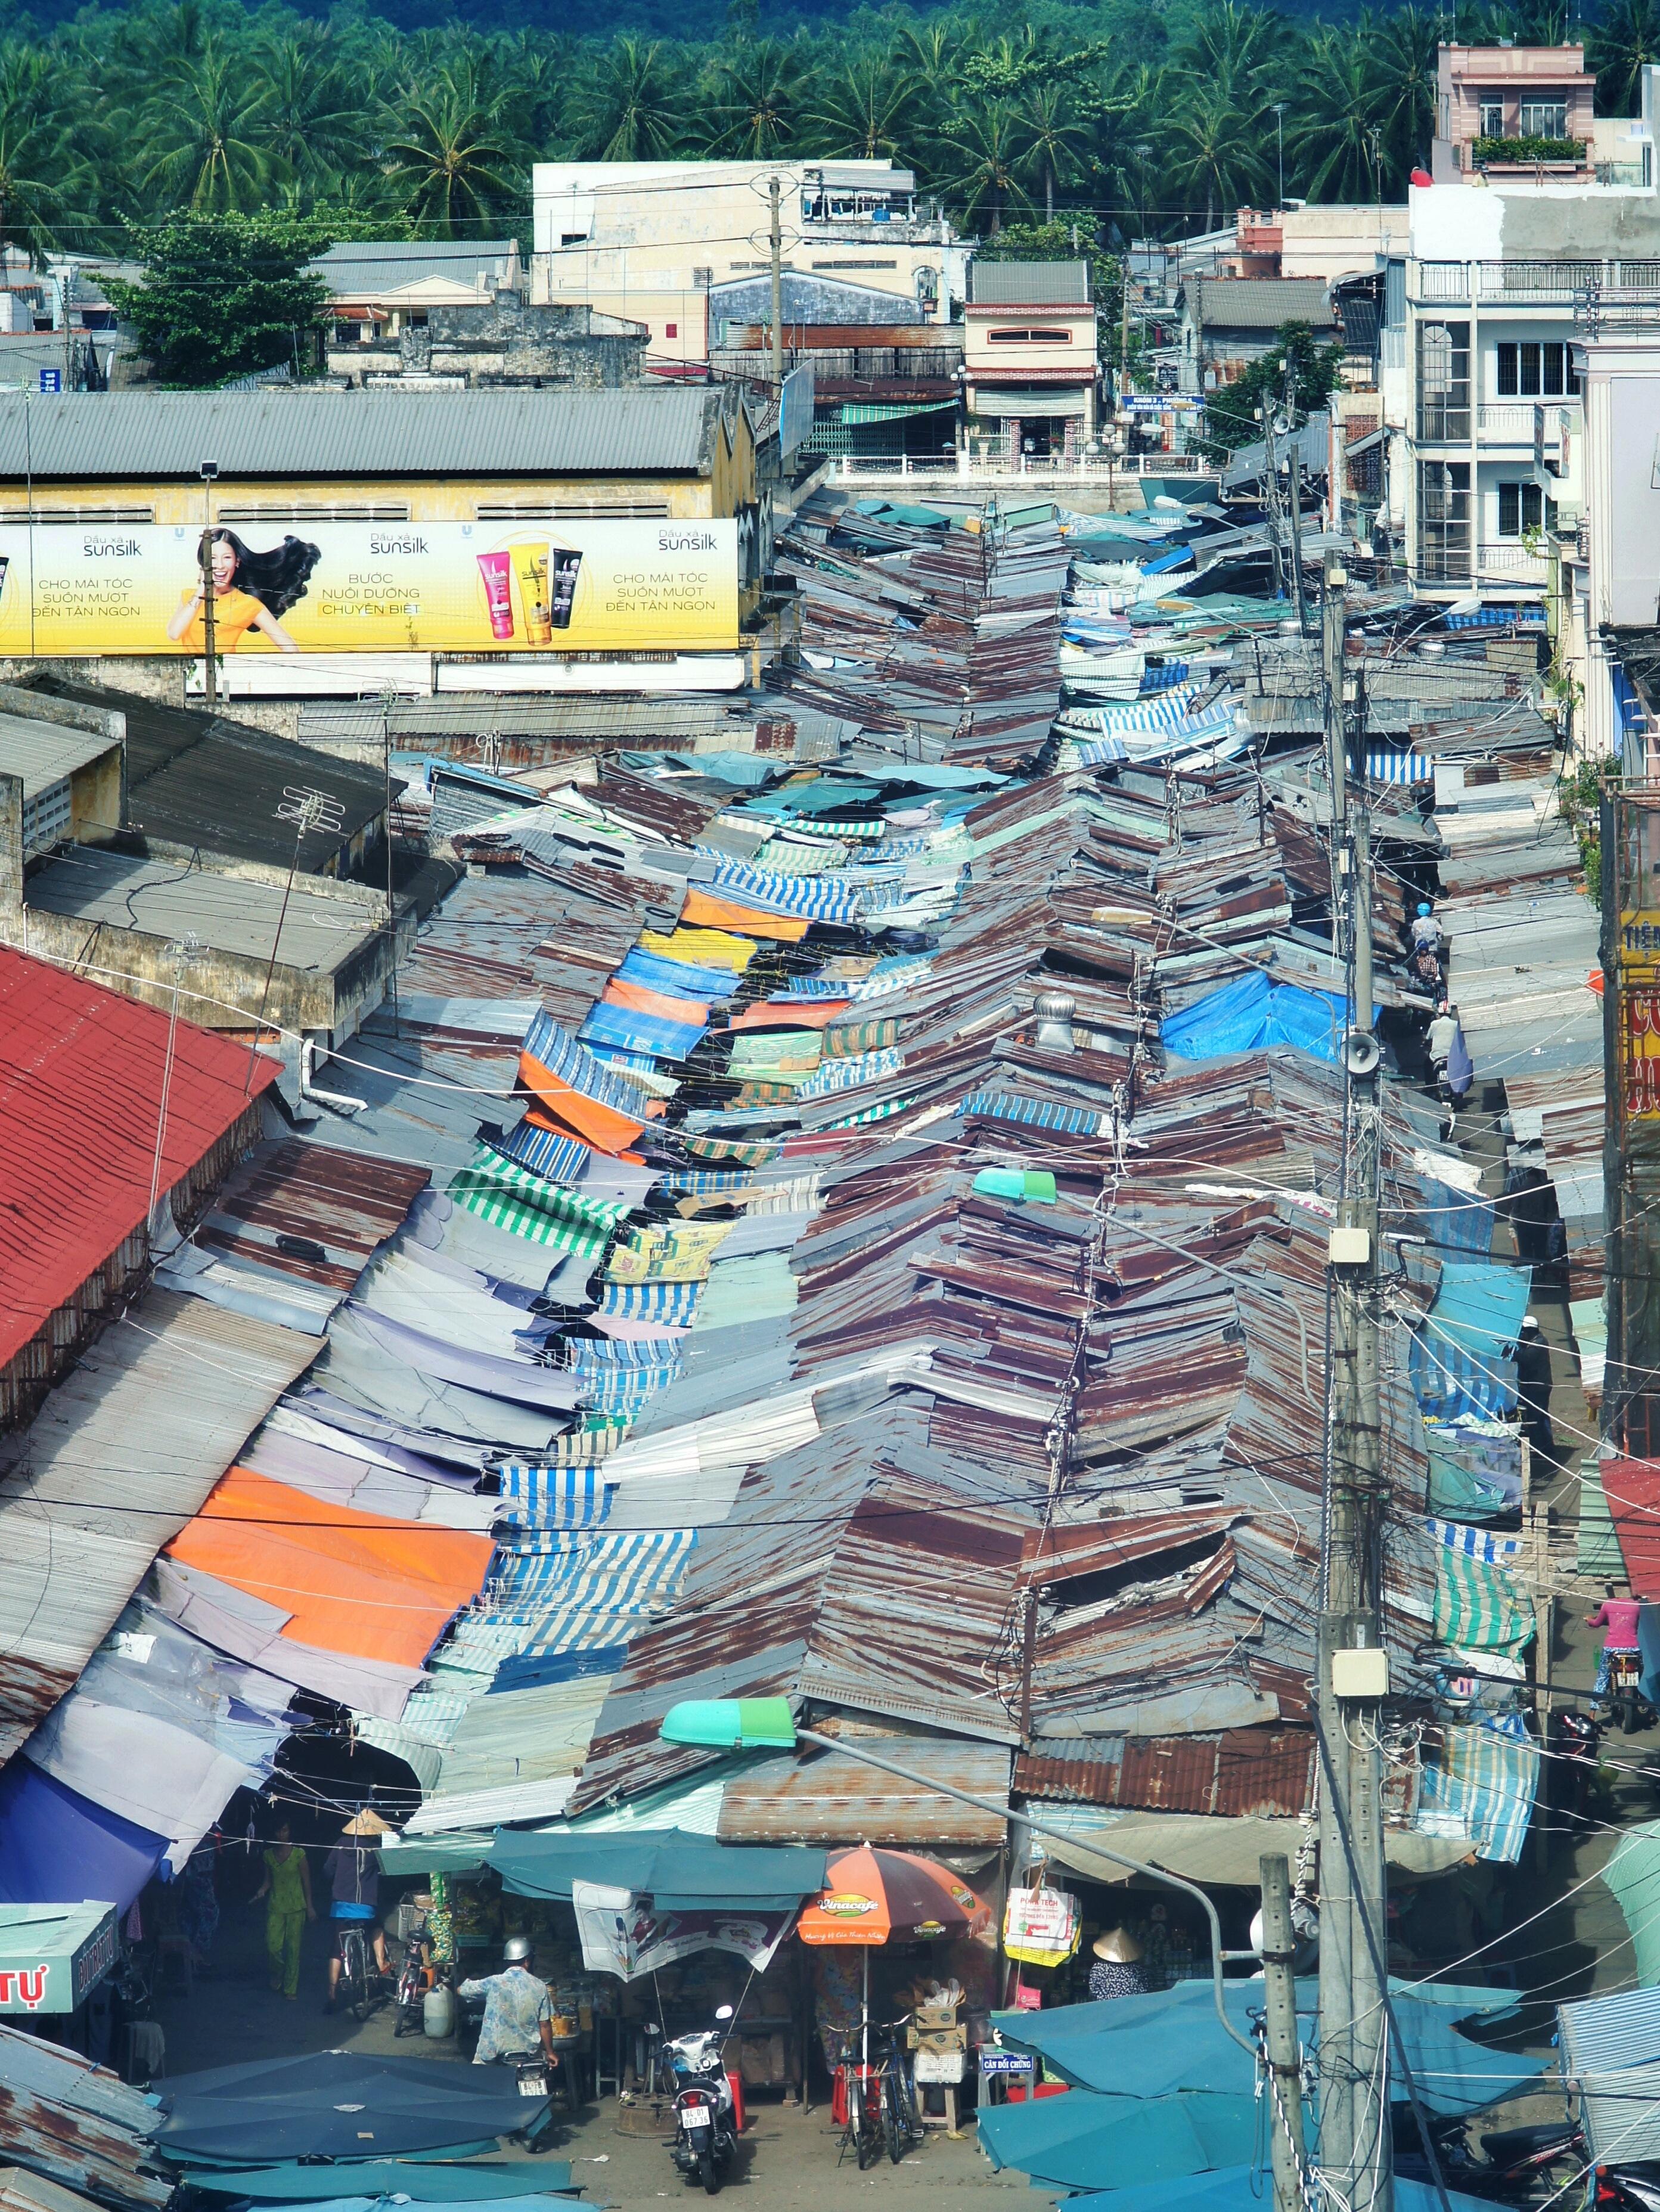 Tra Vinh Market, Vietnam